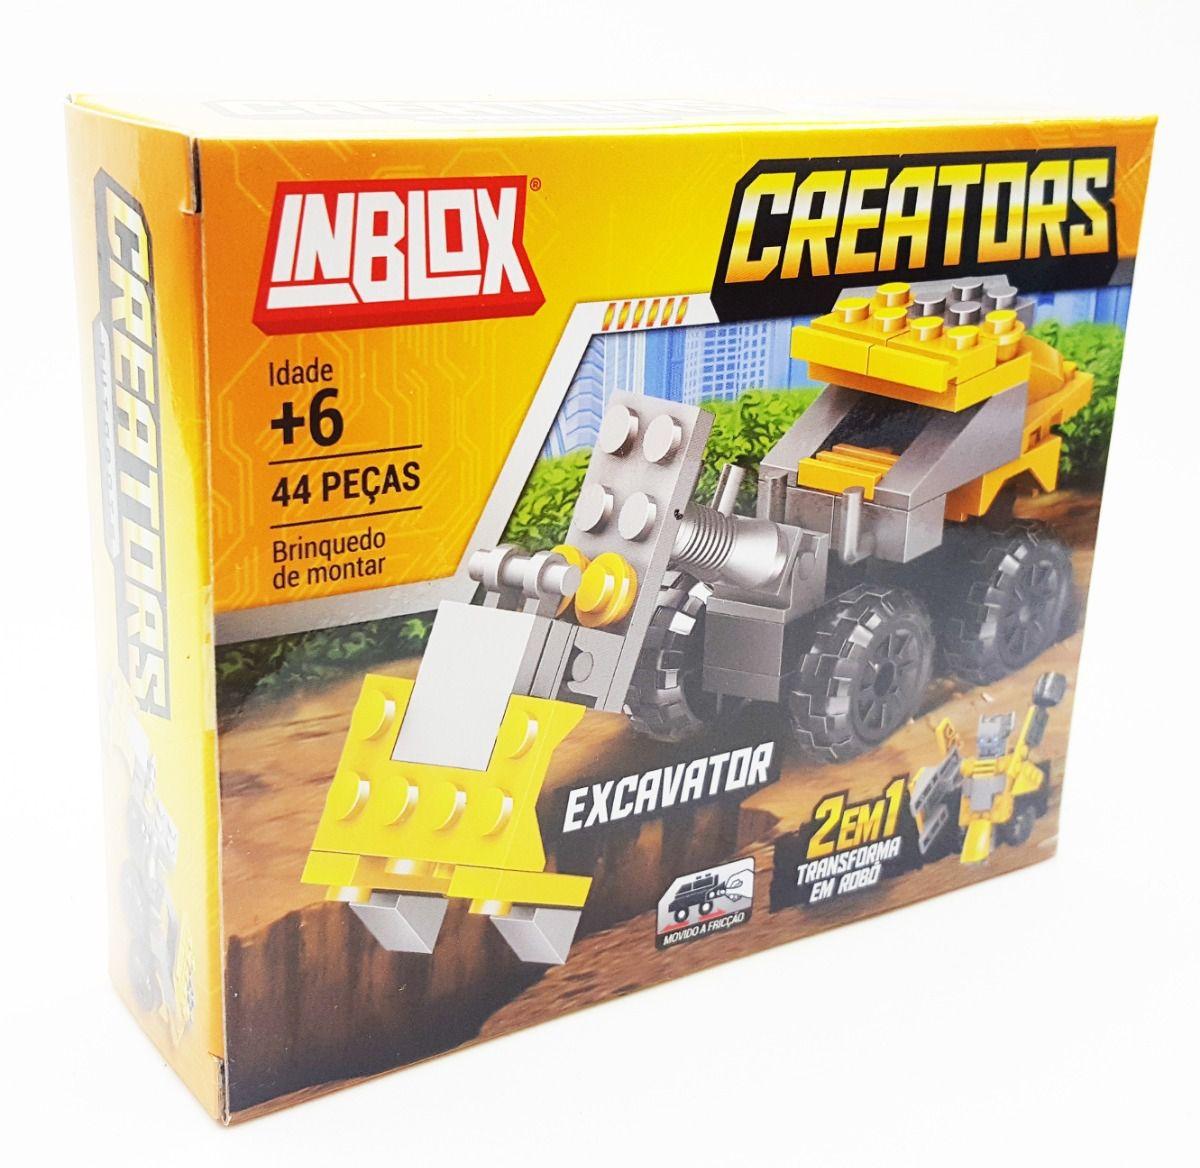 Blocos de Montar Creators Excavator Brinquedo de Fricção 2 em 1 Transforma em Robô Inblox